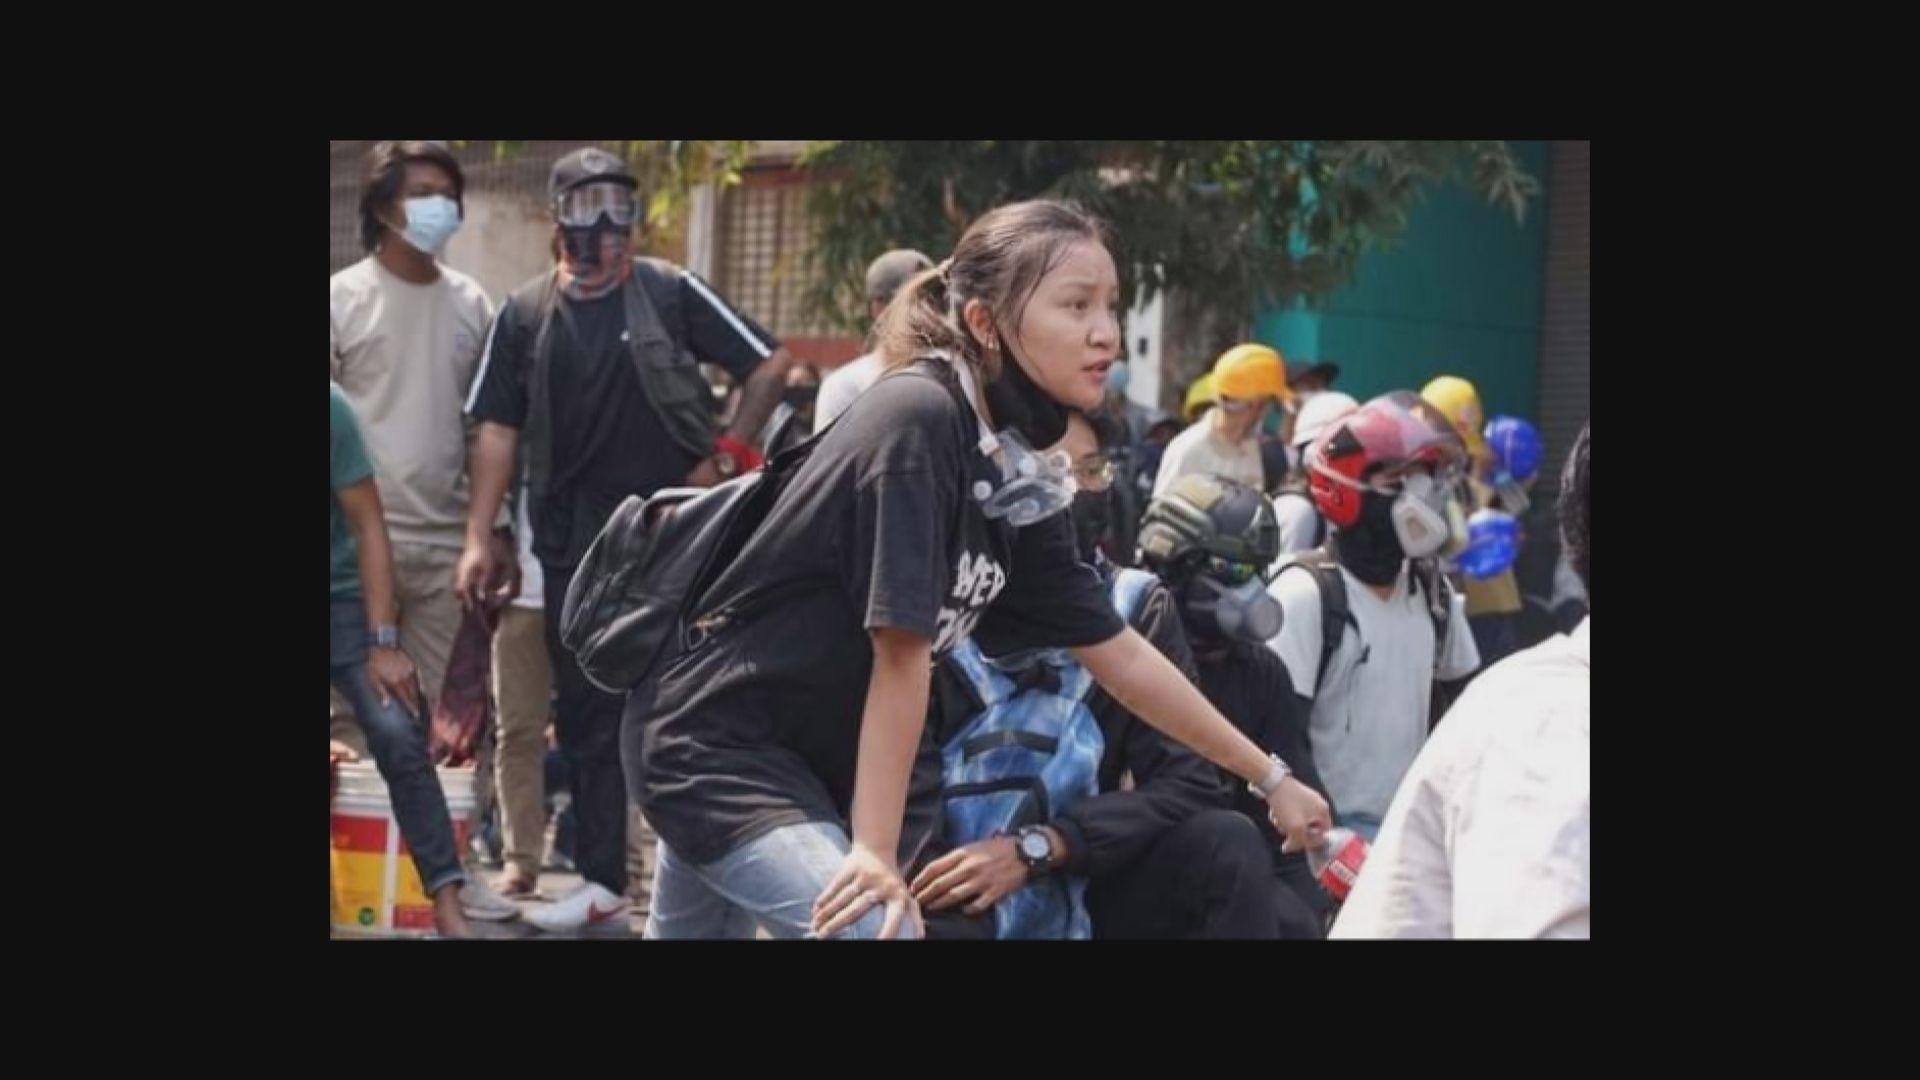 緬甸當局稱19歲女示威者並非被警方子彈擊中亡